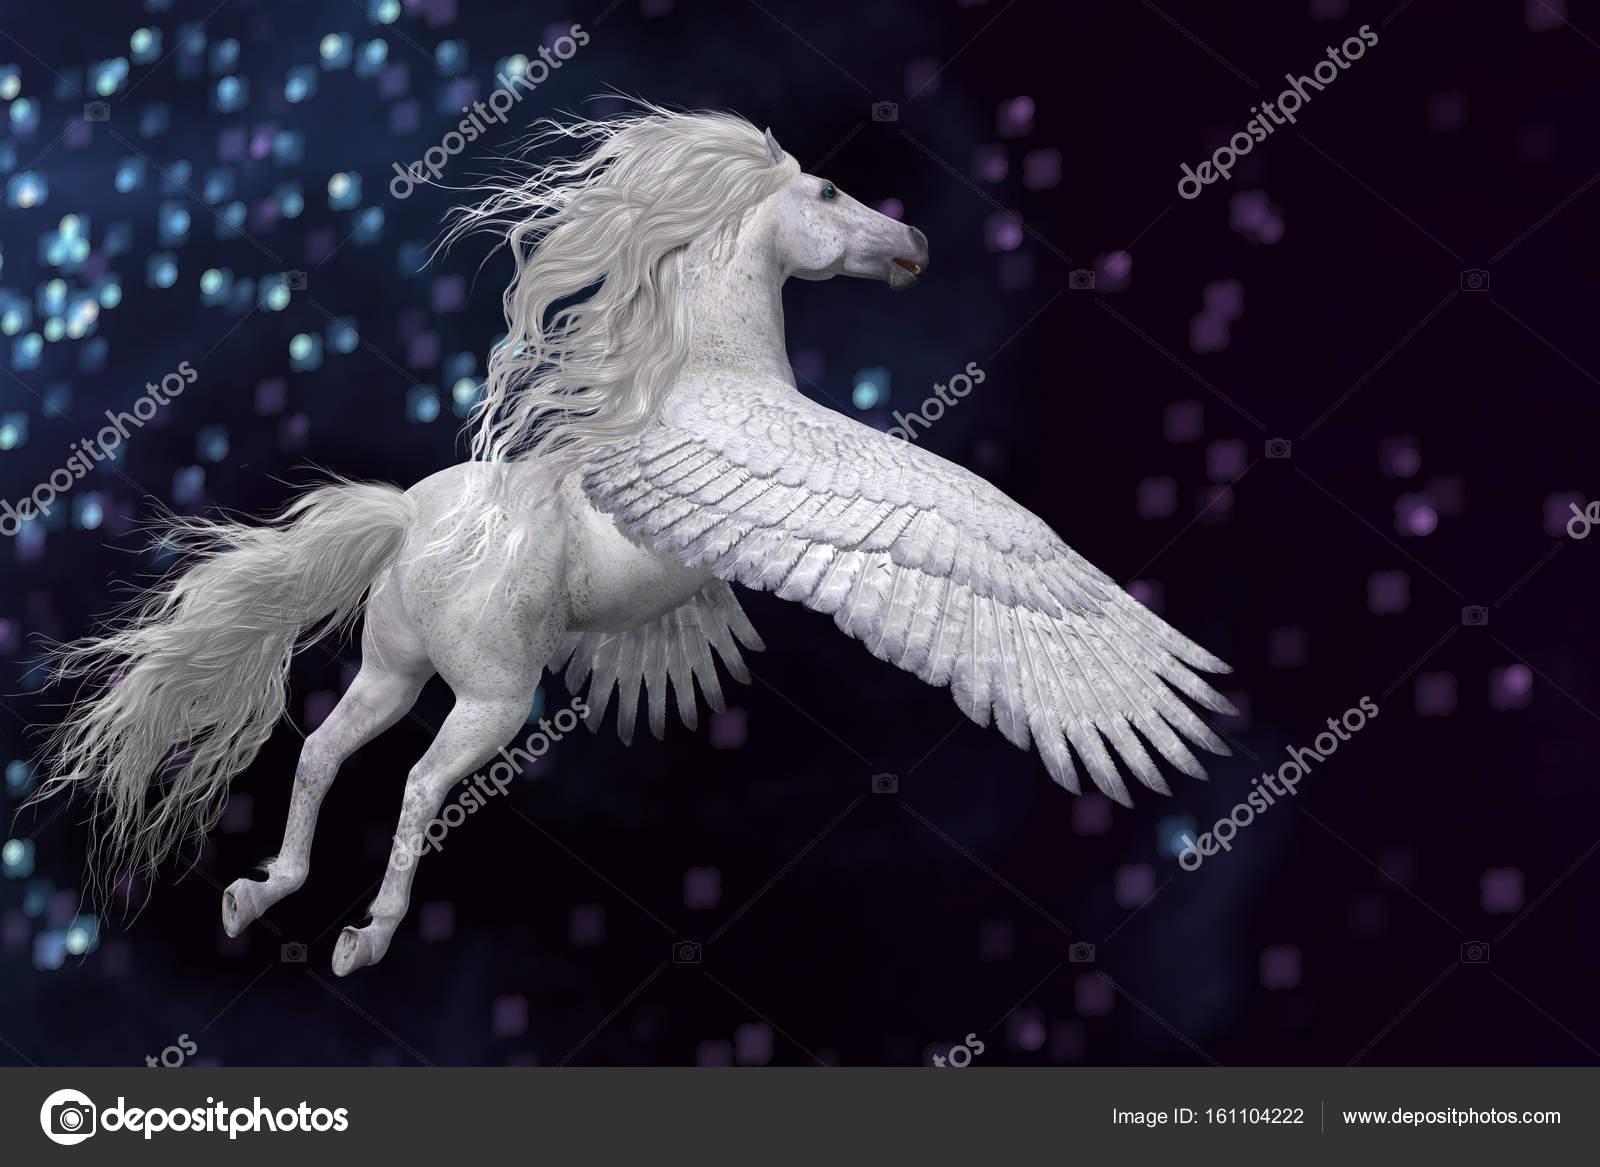 meilleure sélection 4744d 9be06 Pegasus blanche dans le ciel — Photographie CoreyFord ...